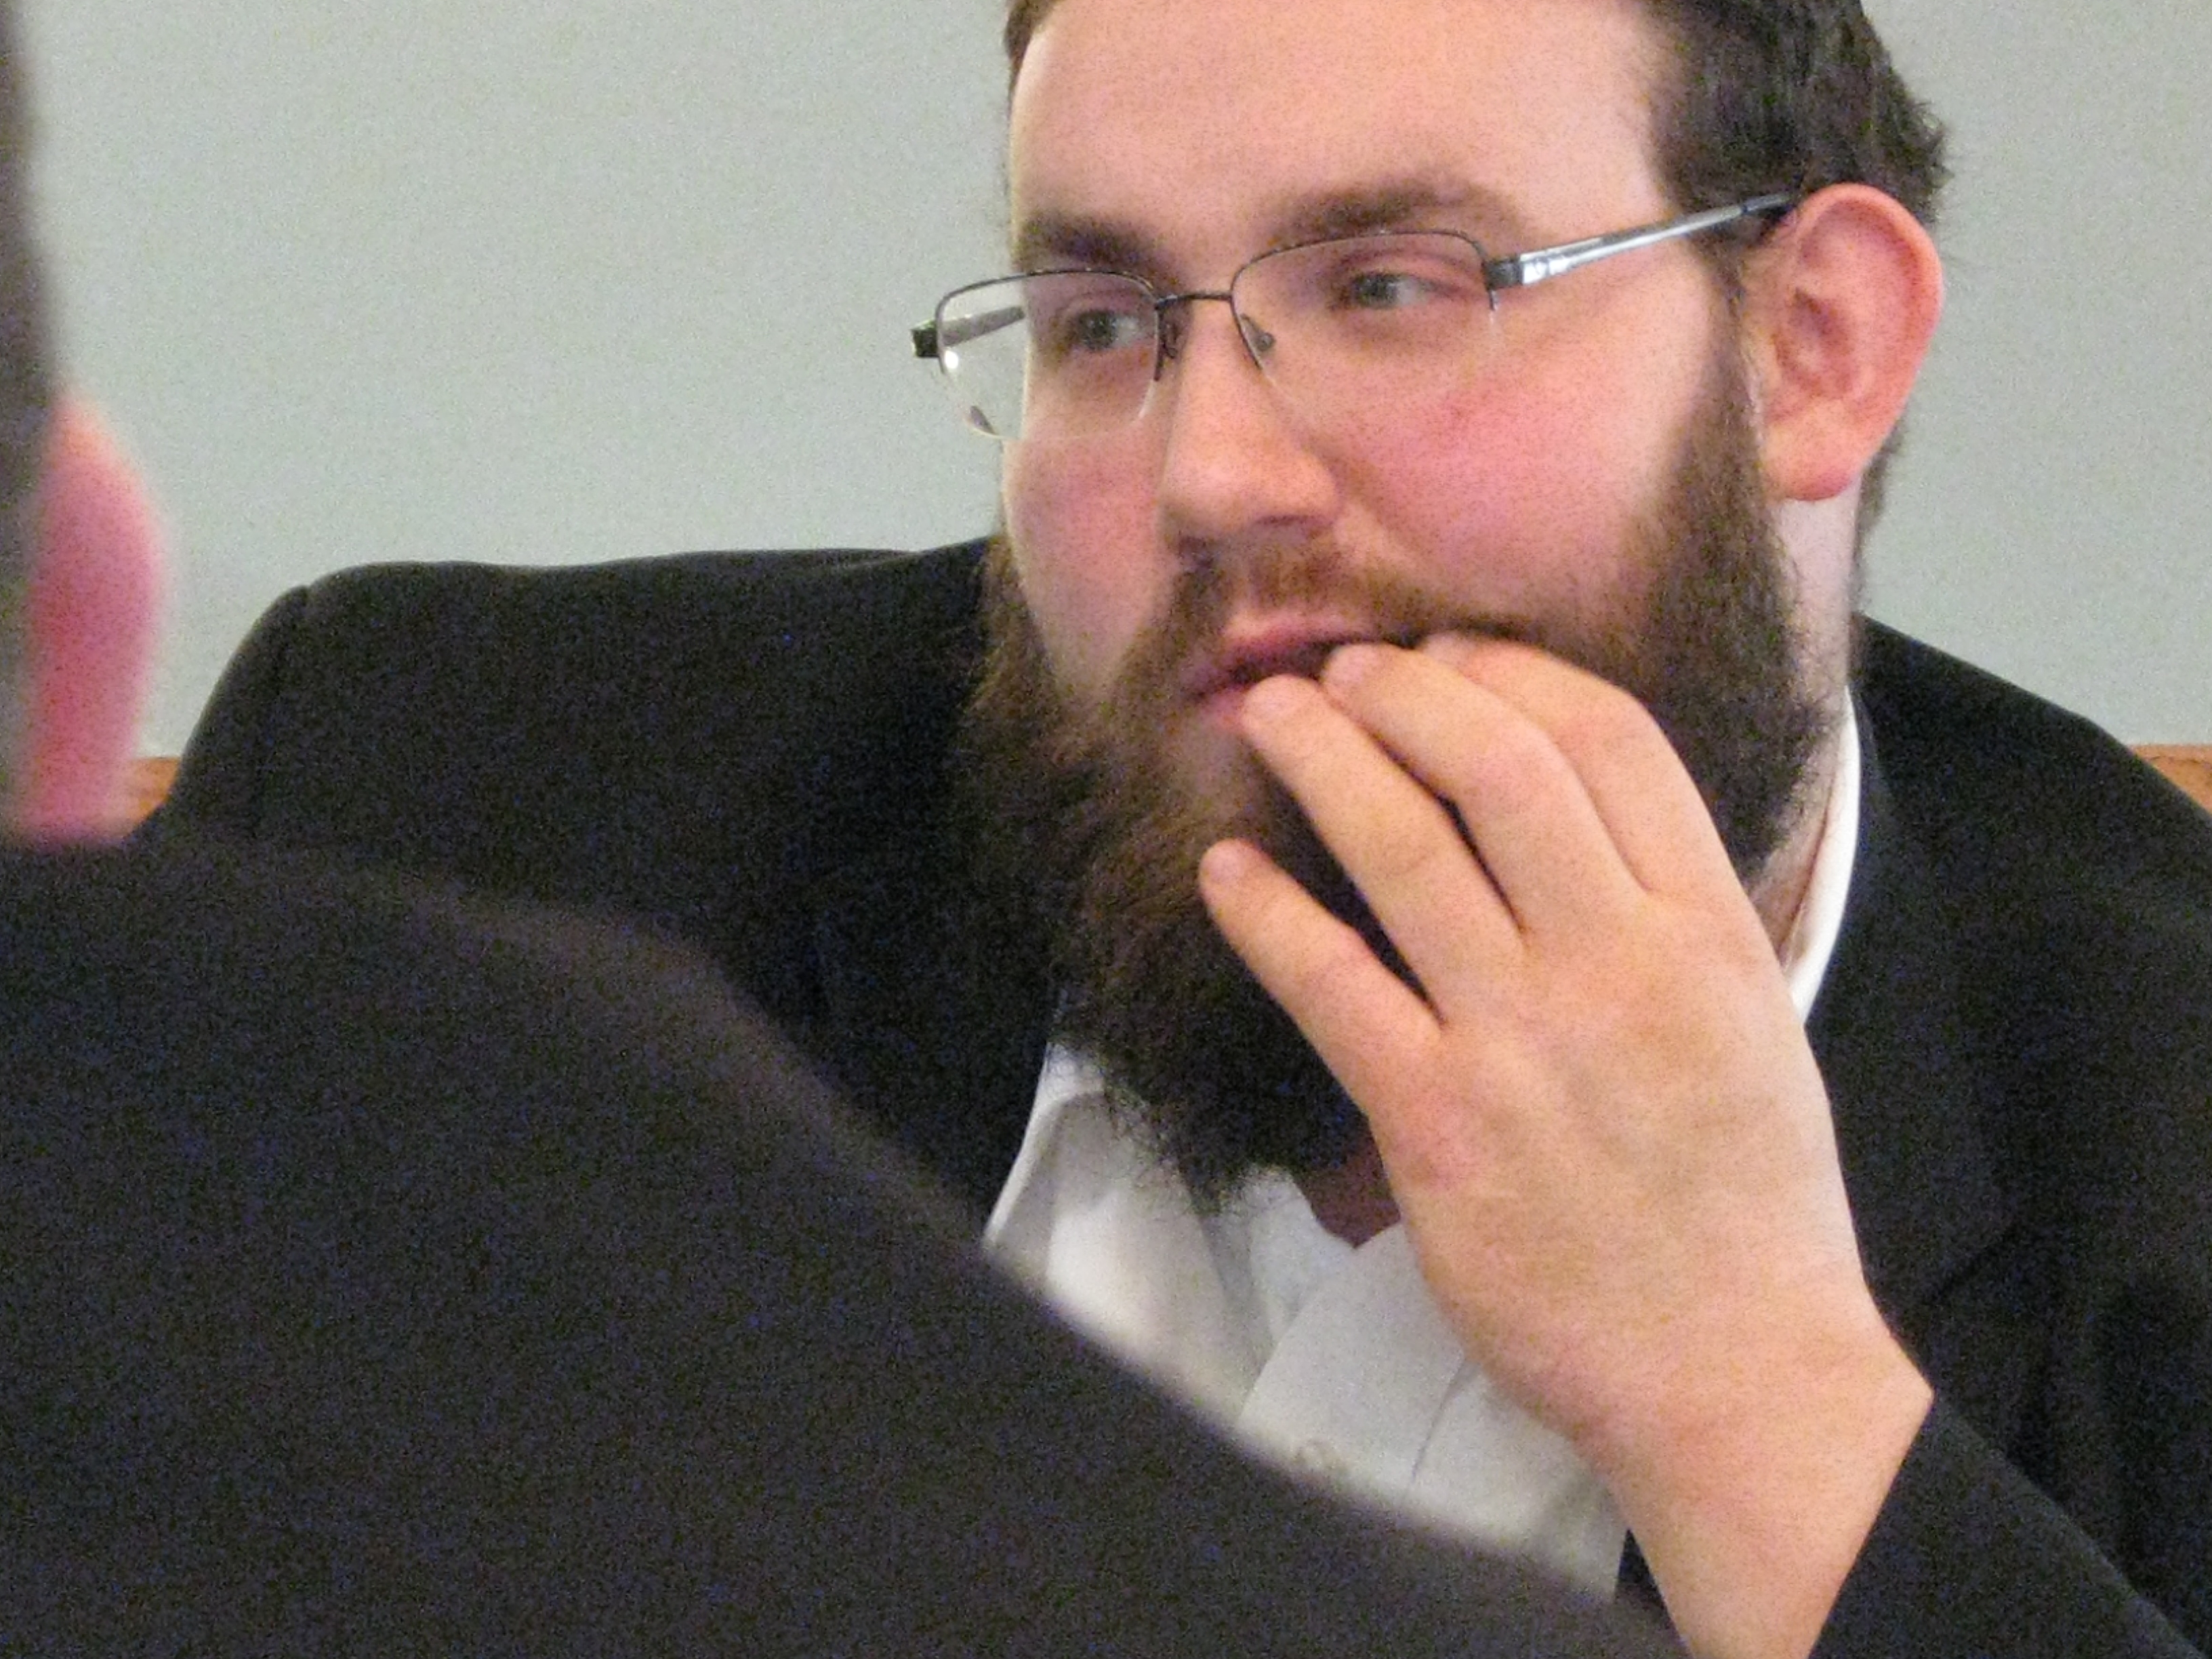 Shmuel Mandelbaum